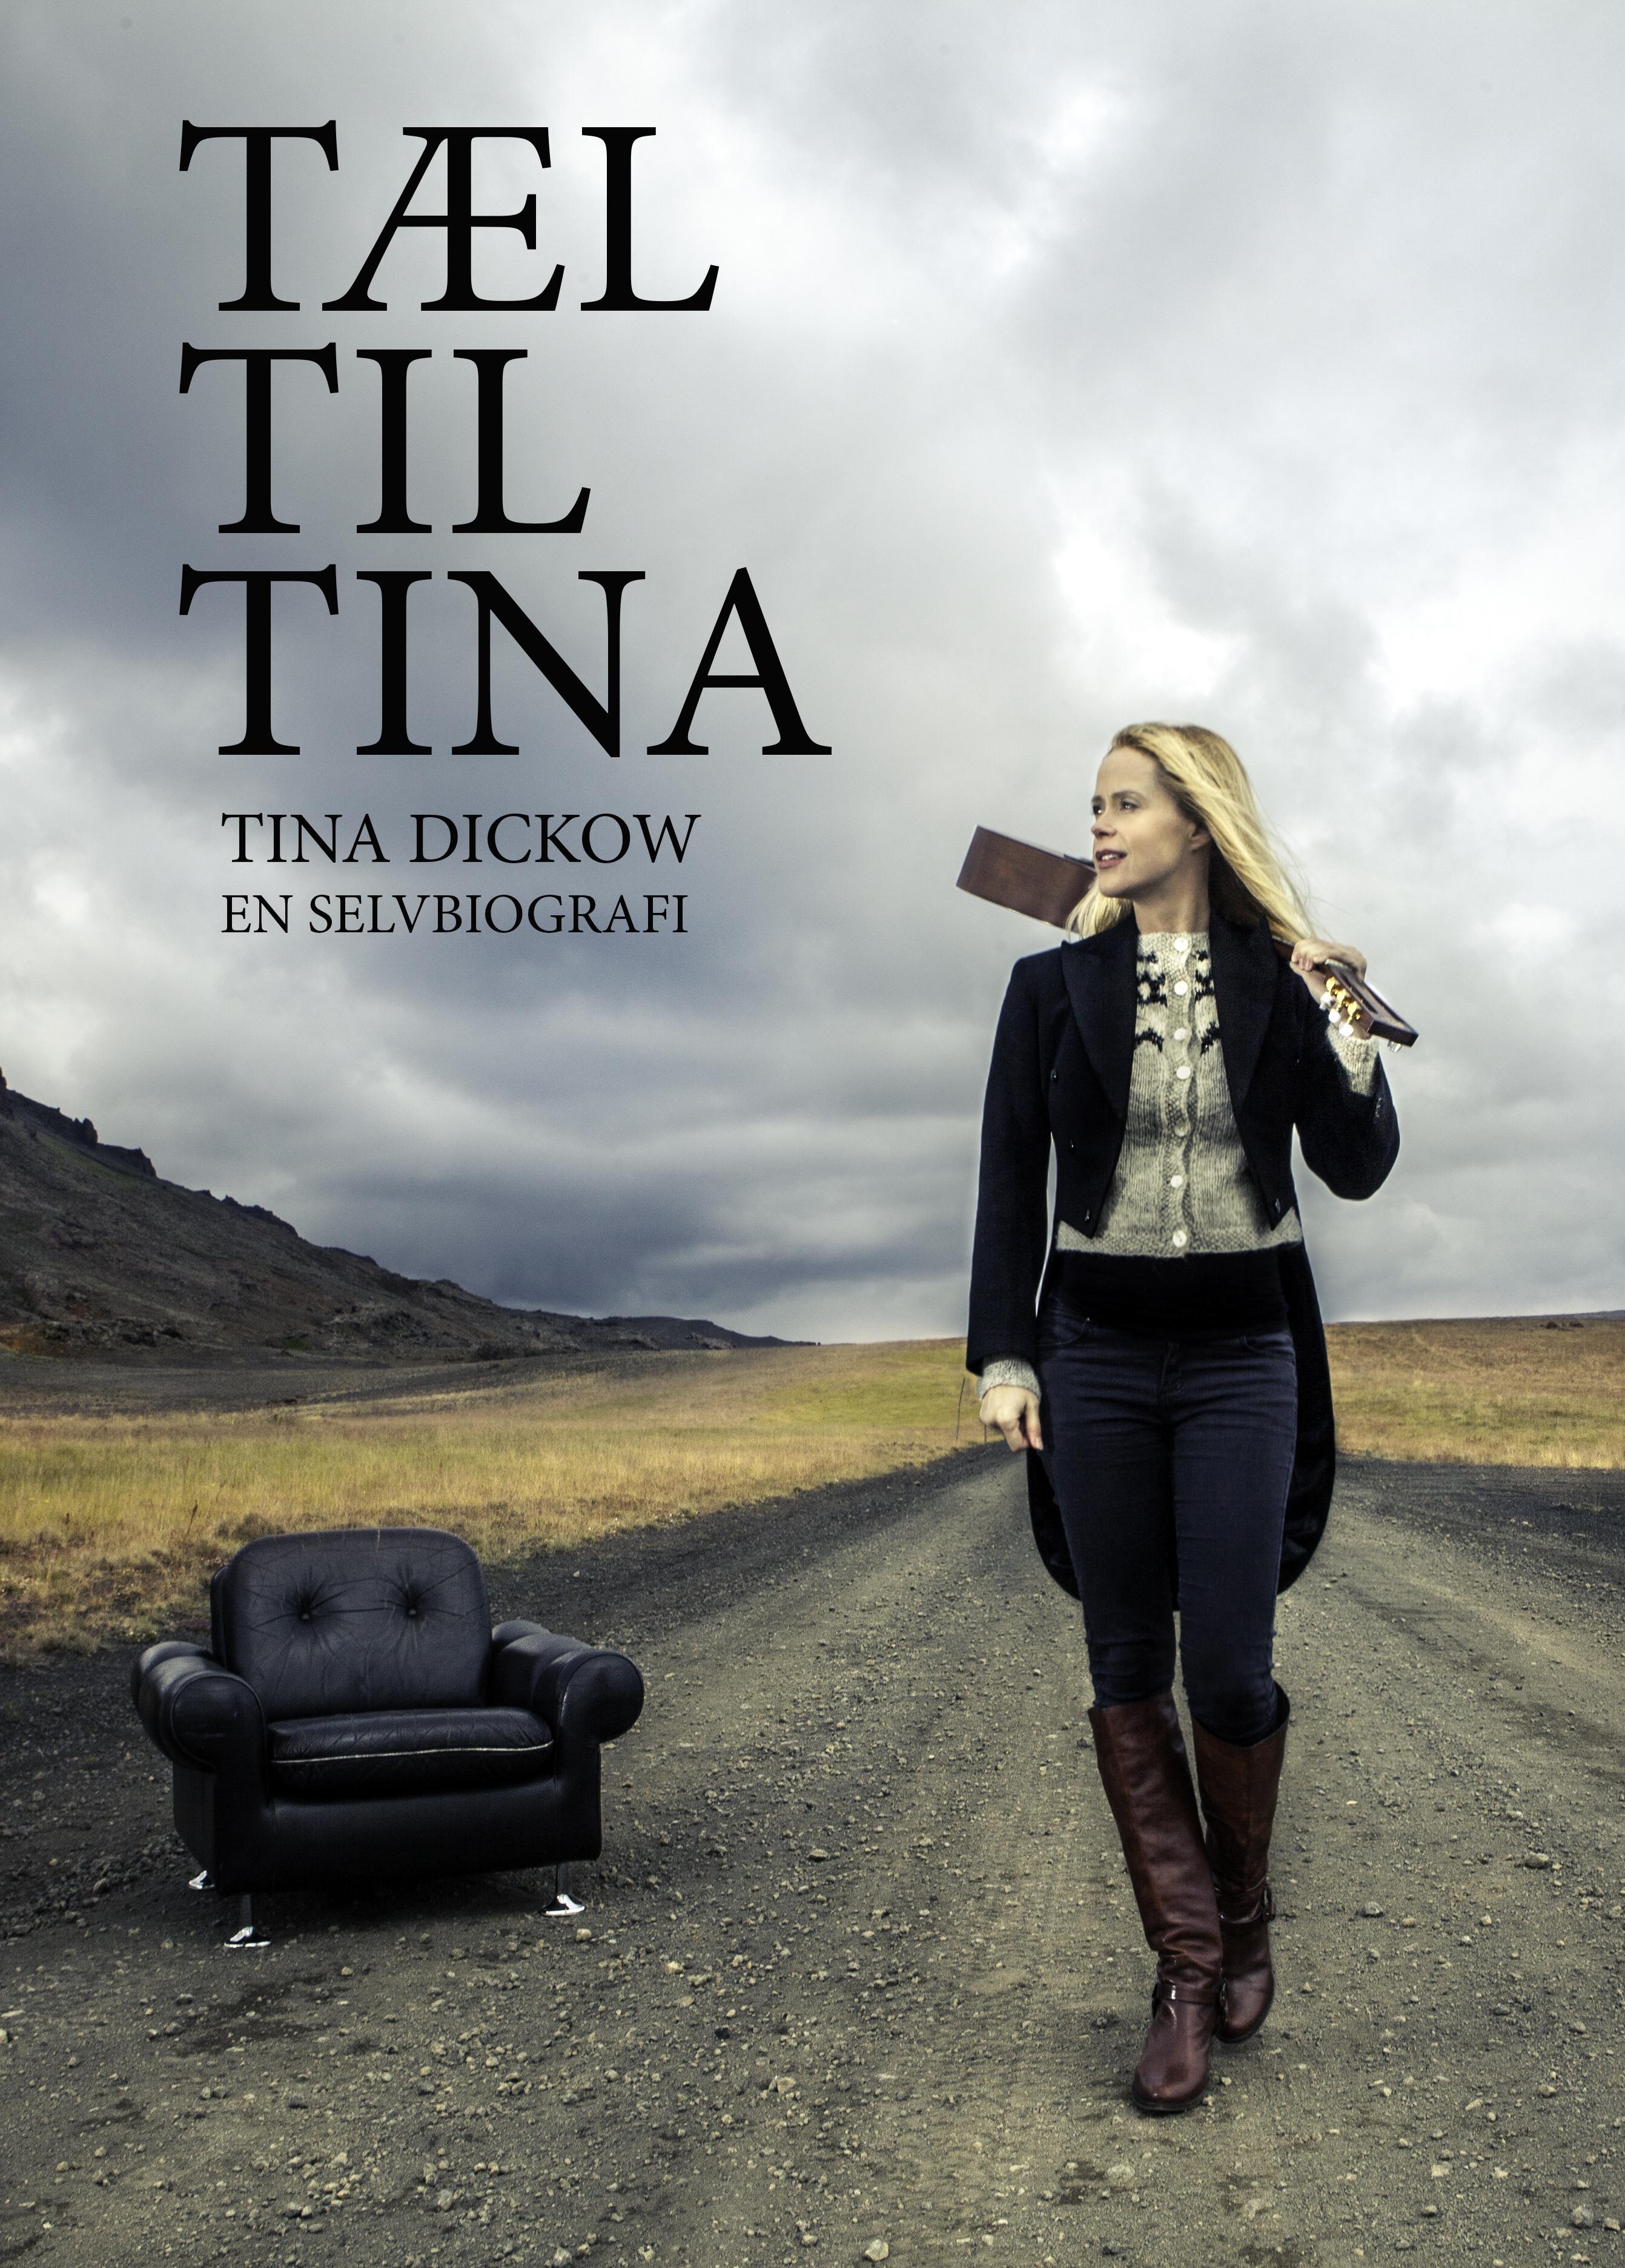 Tæl til Tina - Tina Dickow - Bøger - Finest Gramophone - 9788797019009 - November 6, 2017